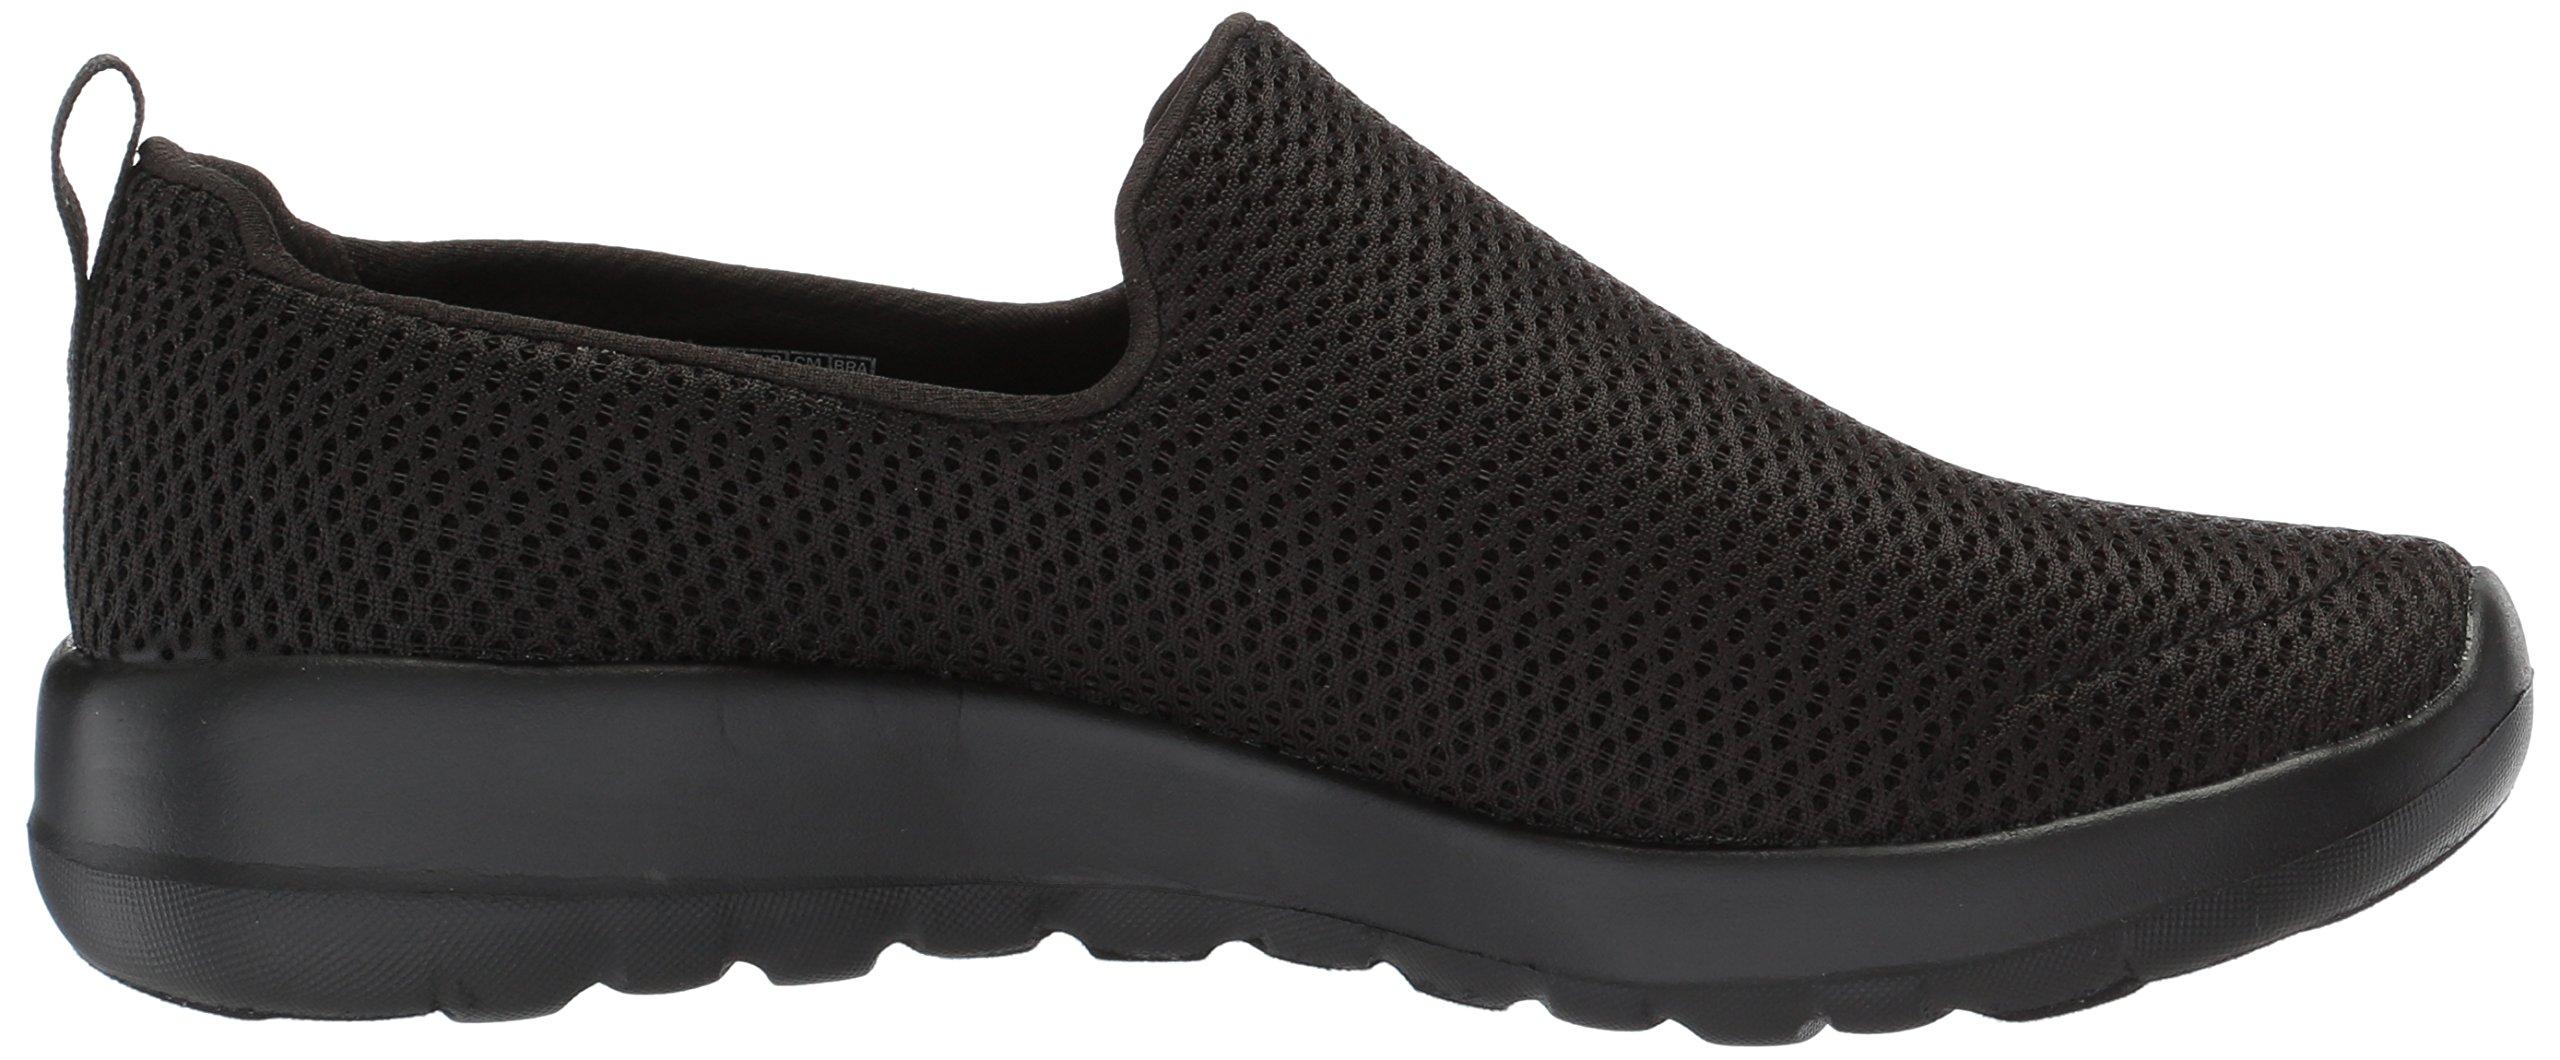 Skechers Performance Women's Go Walk Joy Walking Shoe,black,9.5 W US by Skechers (Image #7)